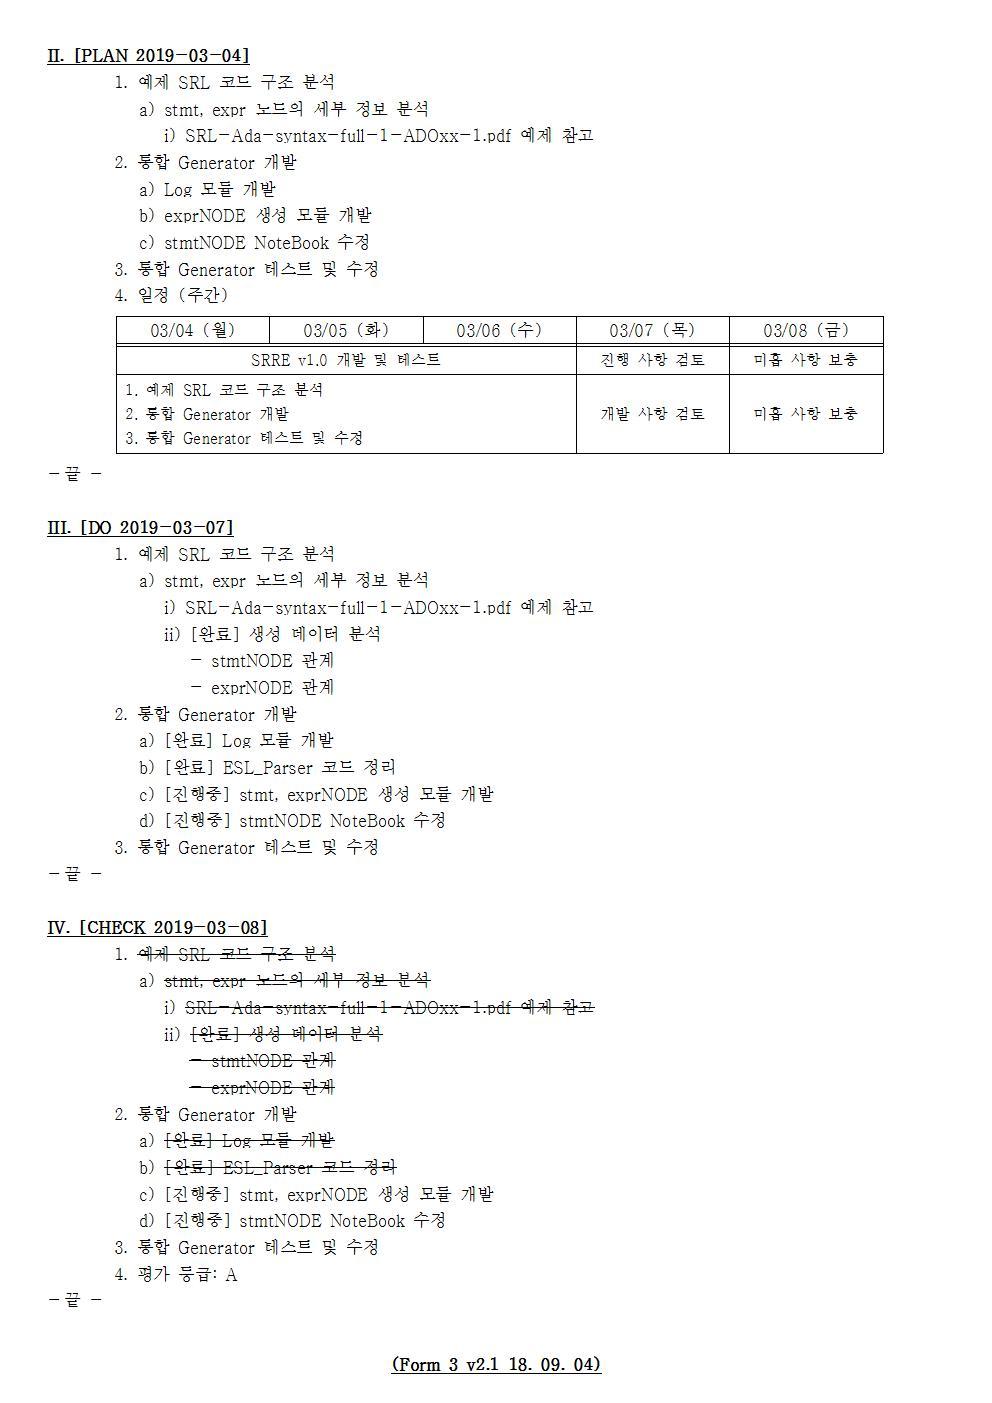 D-[19-003-RD-03]-[Tool-SRRE-1.X]-[2019-03-08][JS]002.jpg